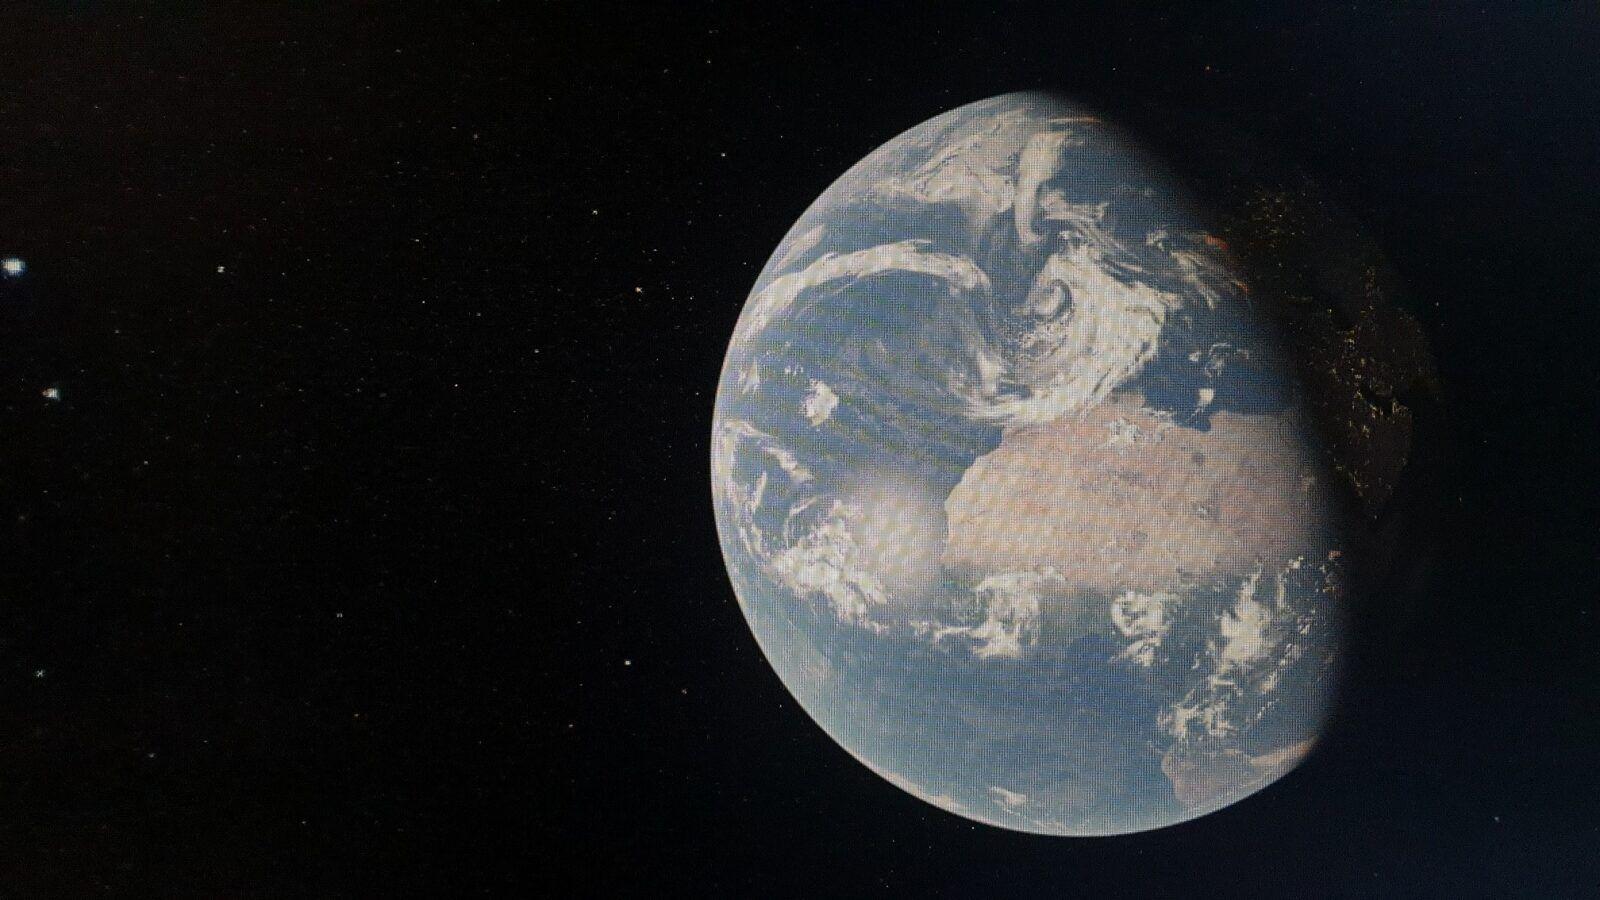 Sztuczna inteligencja na pokładzie satelitów. Pozwoli stworzyć cyfrową replikę planety i przewidzieć skutki zmian klimatycznych